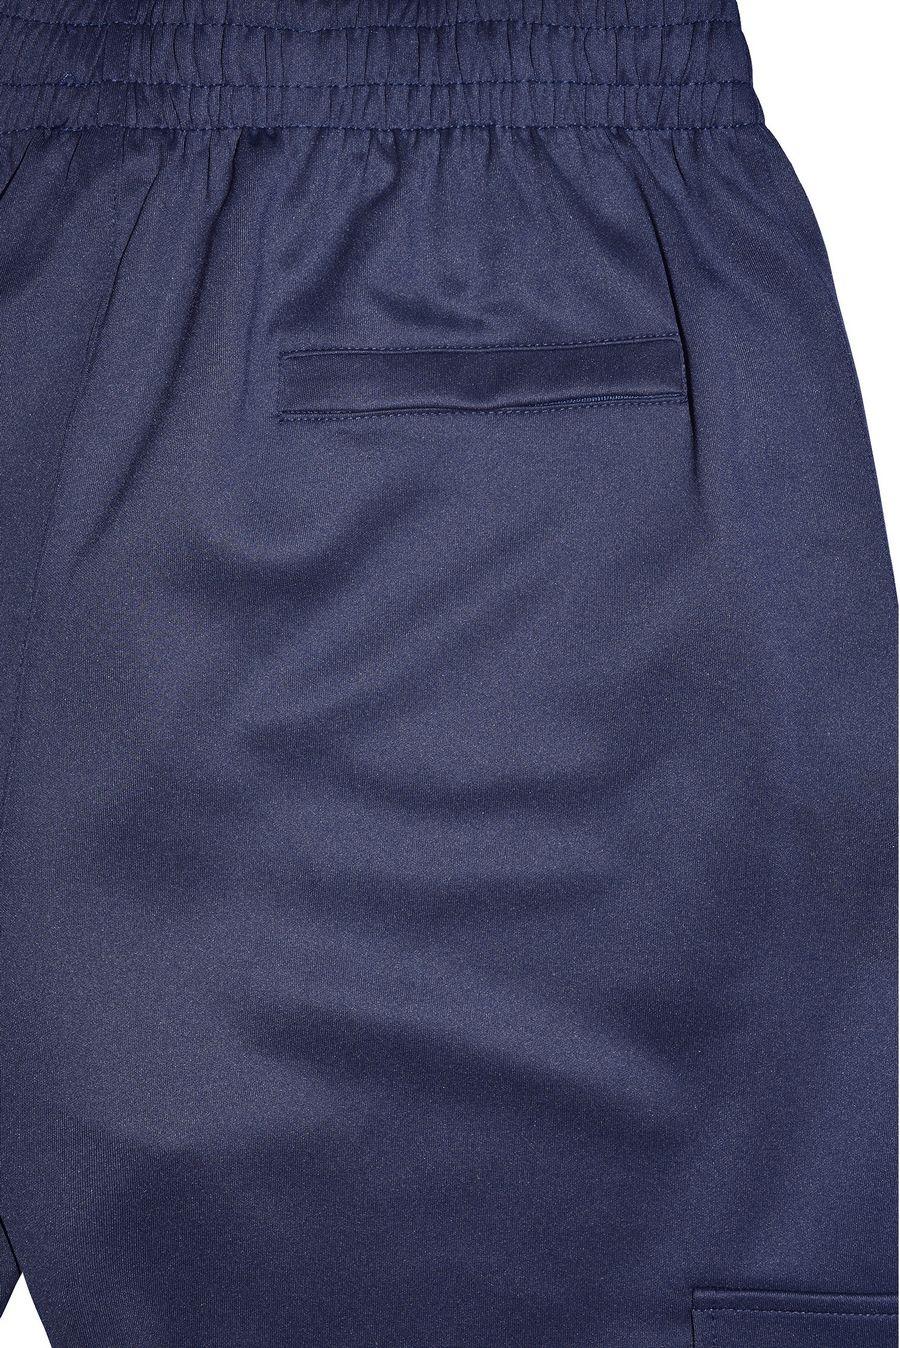 Брюки мужские GL J1081 синие - фото 2